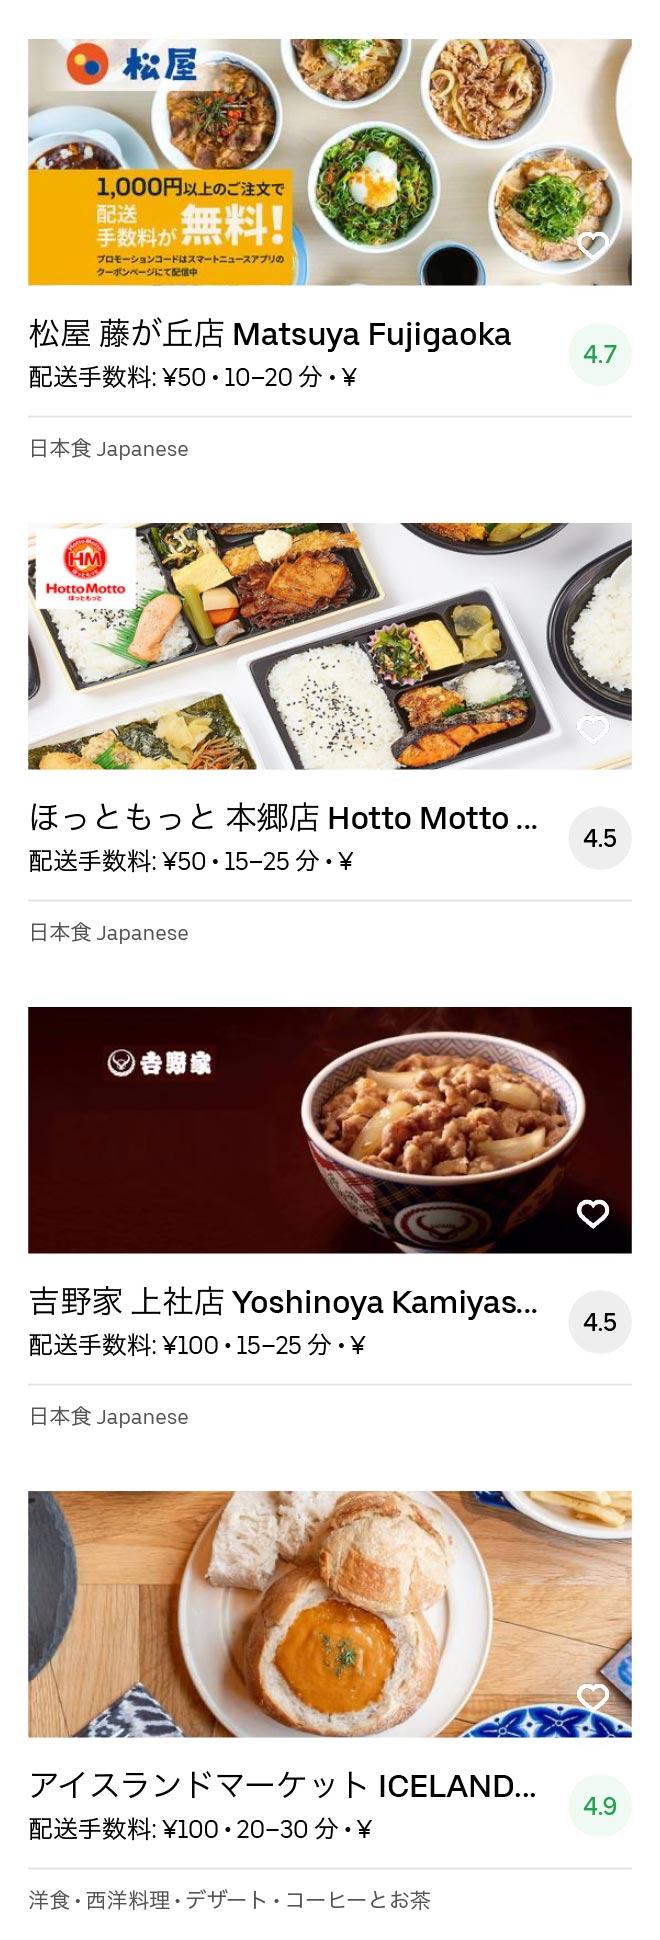 Nagoya fujigaoka menu 2005 02